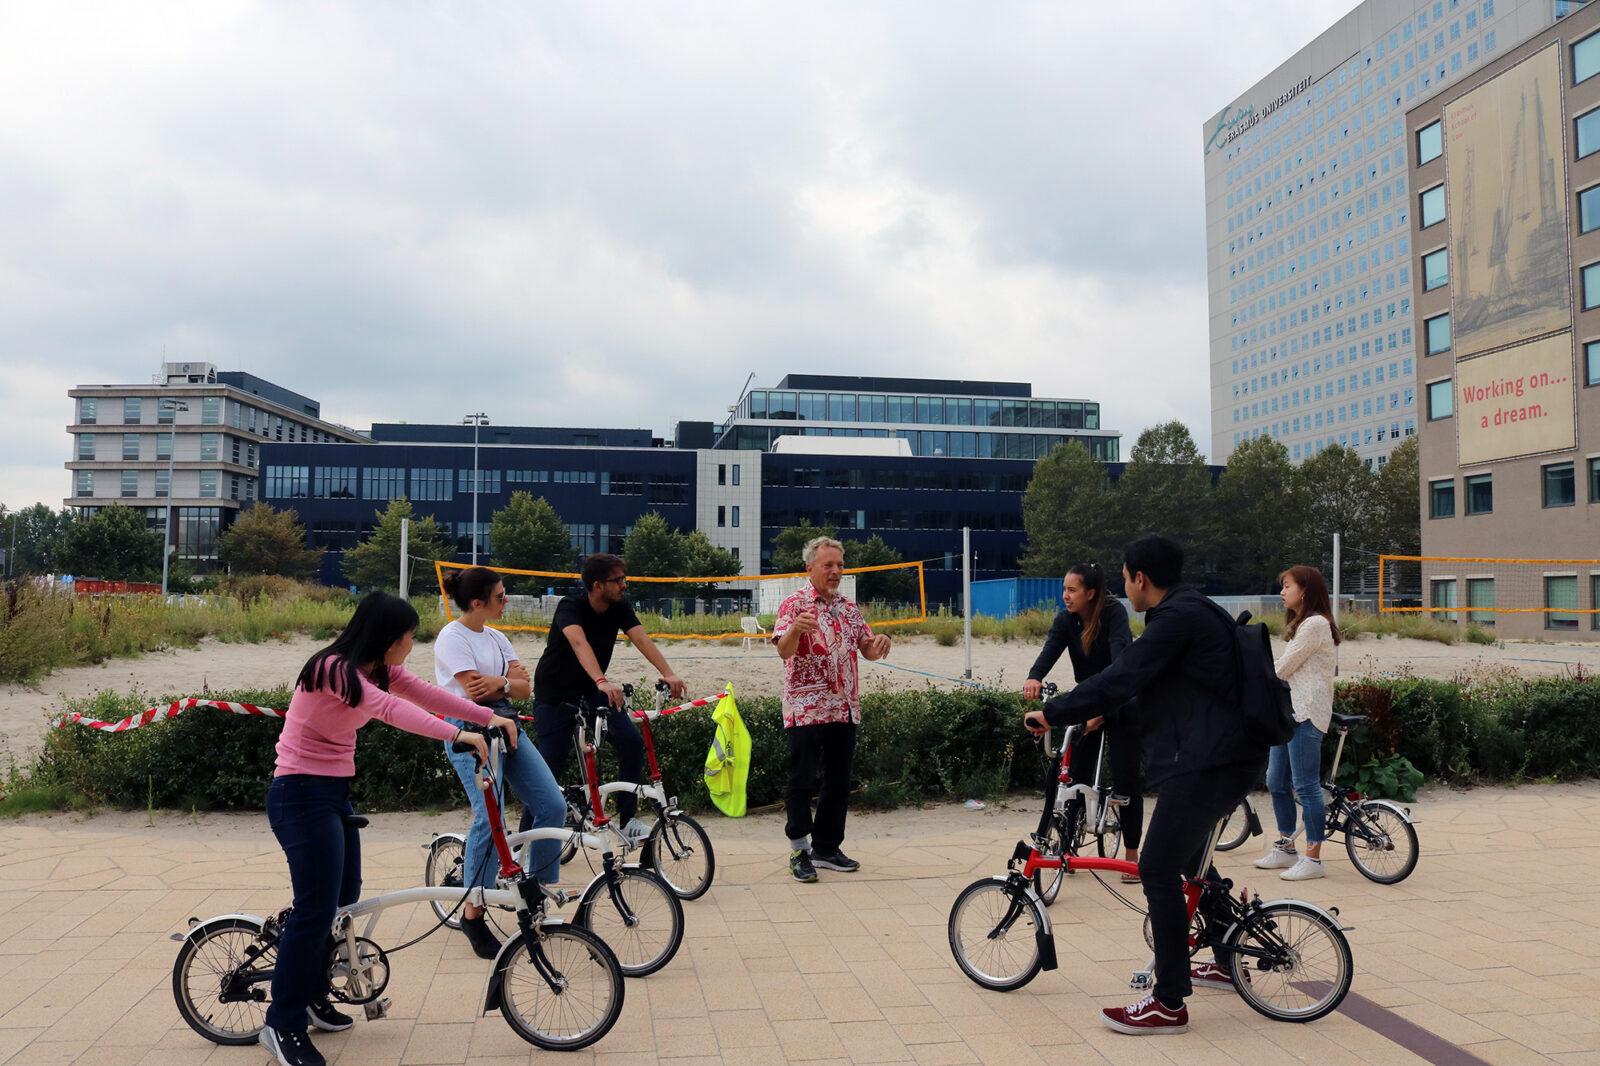 cyclinglesson-iida